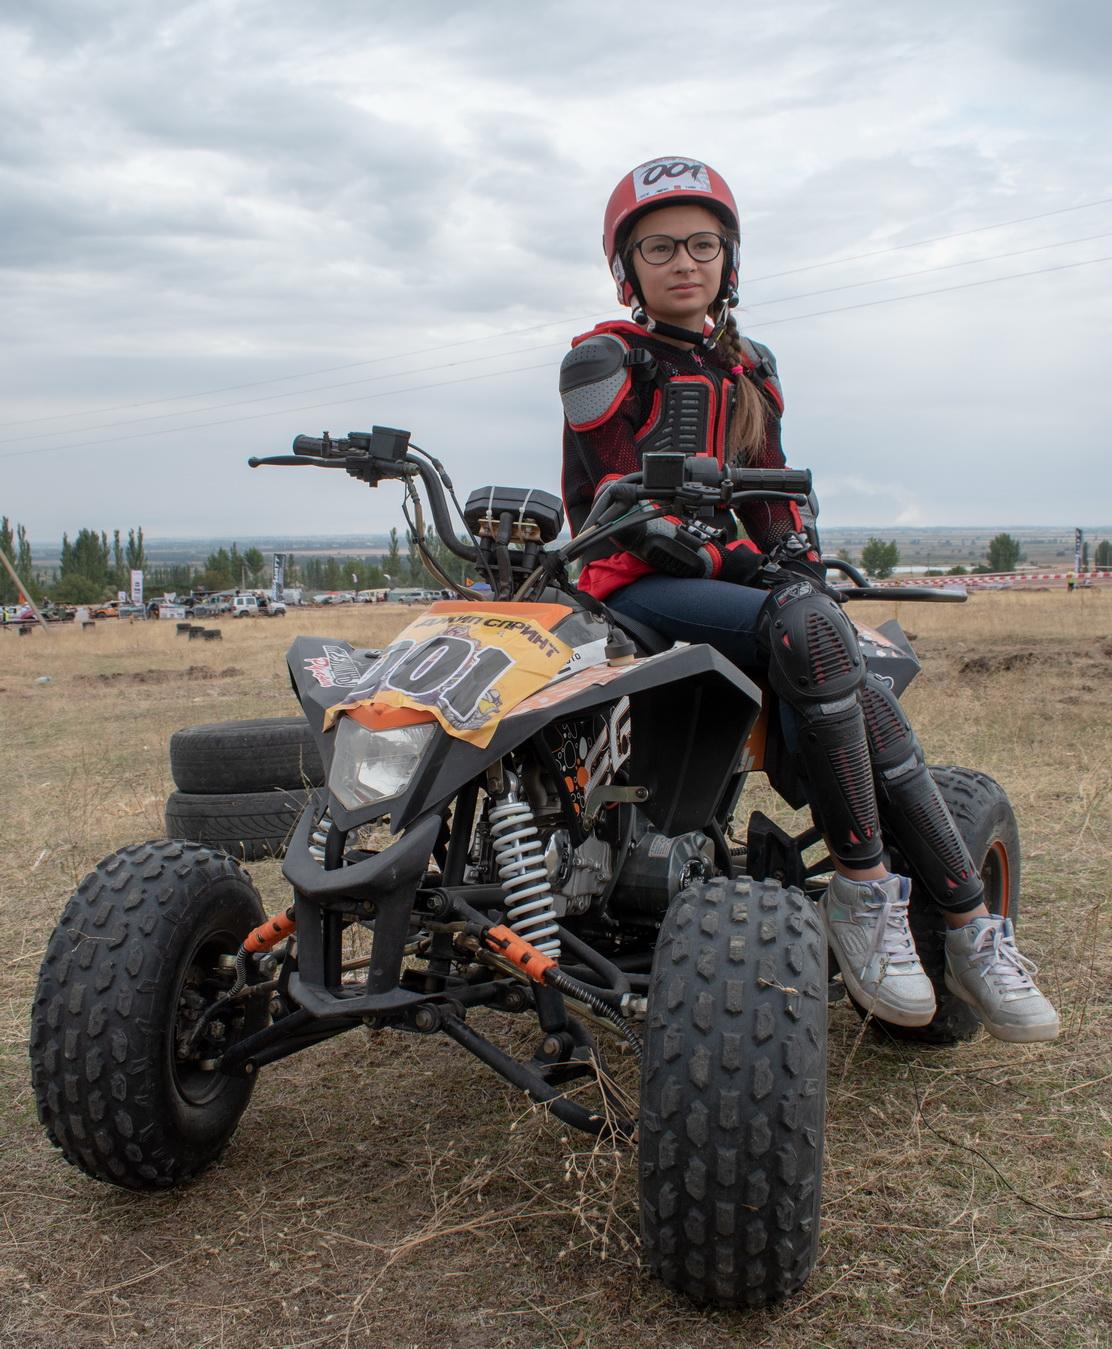 Гонки на «монстрах» и «котлетах»: под Бишкеком состоялась грязная битва лихих джиперов (ВИДЕО)